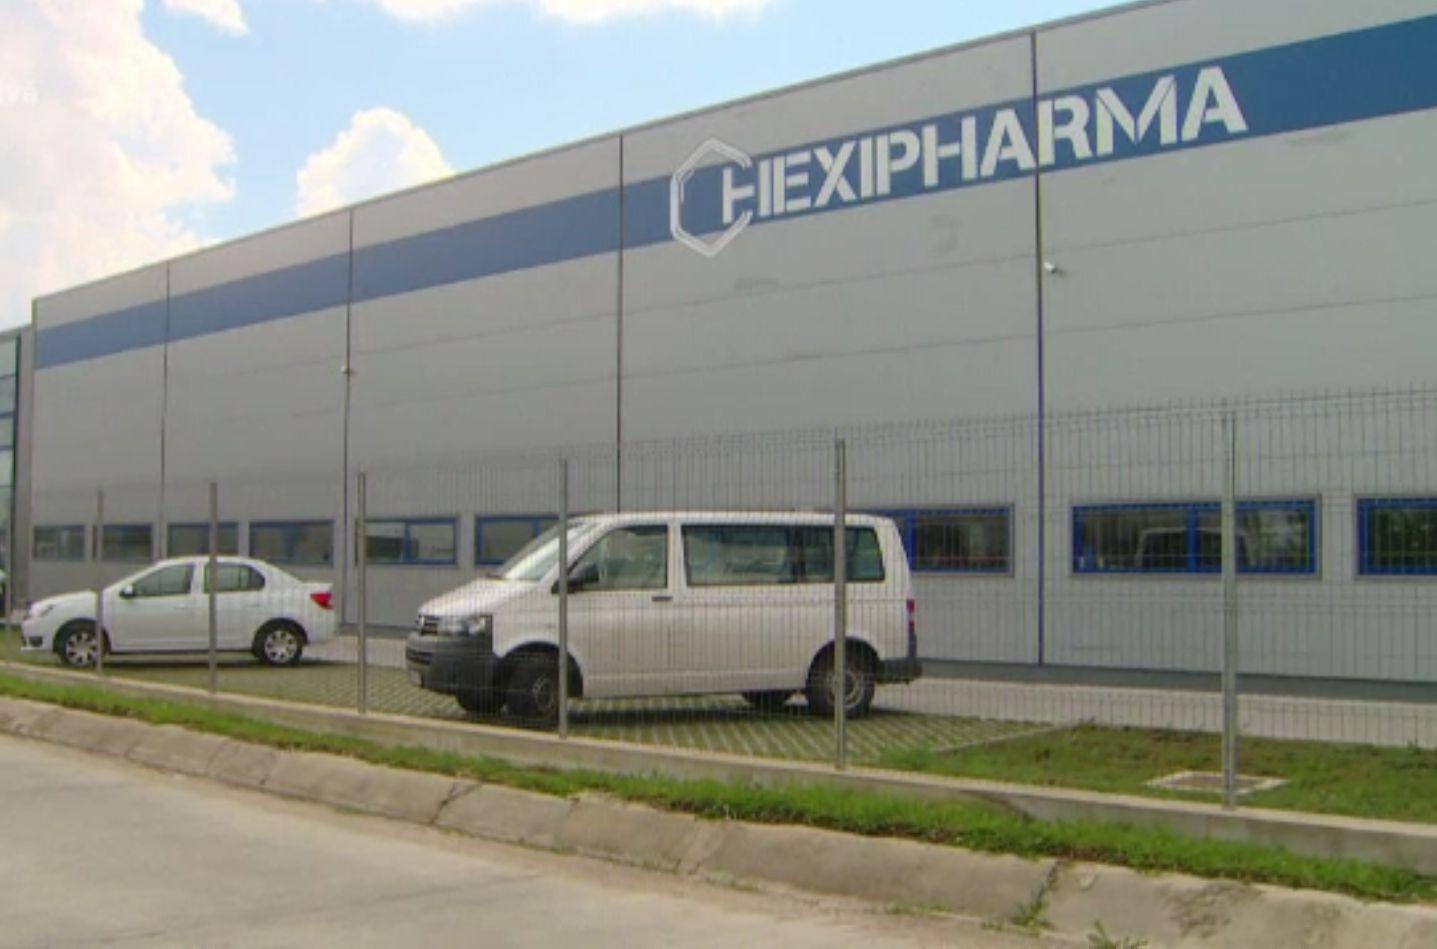 Dezinfectanții Hexipharma erau conformi, arată un raport de expertiză chimică, depus în instanță. Ce urmează în dosar